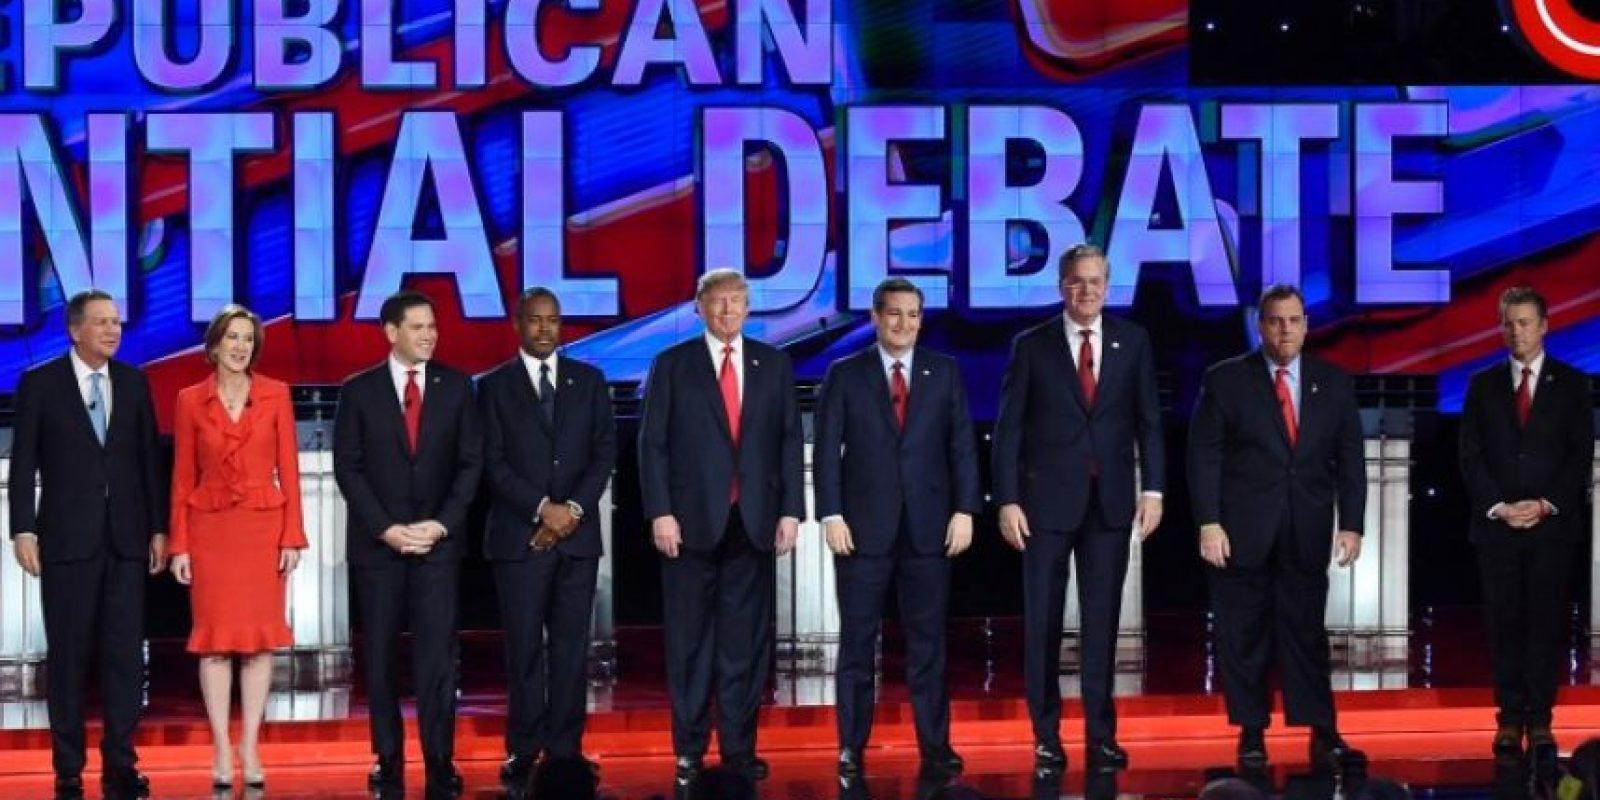 Nueve precandidatos del Partido Republicano estadounidense se enfrentaron el martes en el último debate del año. Foto:AFP